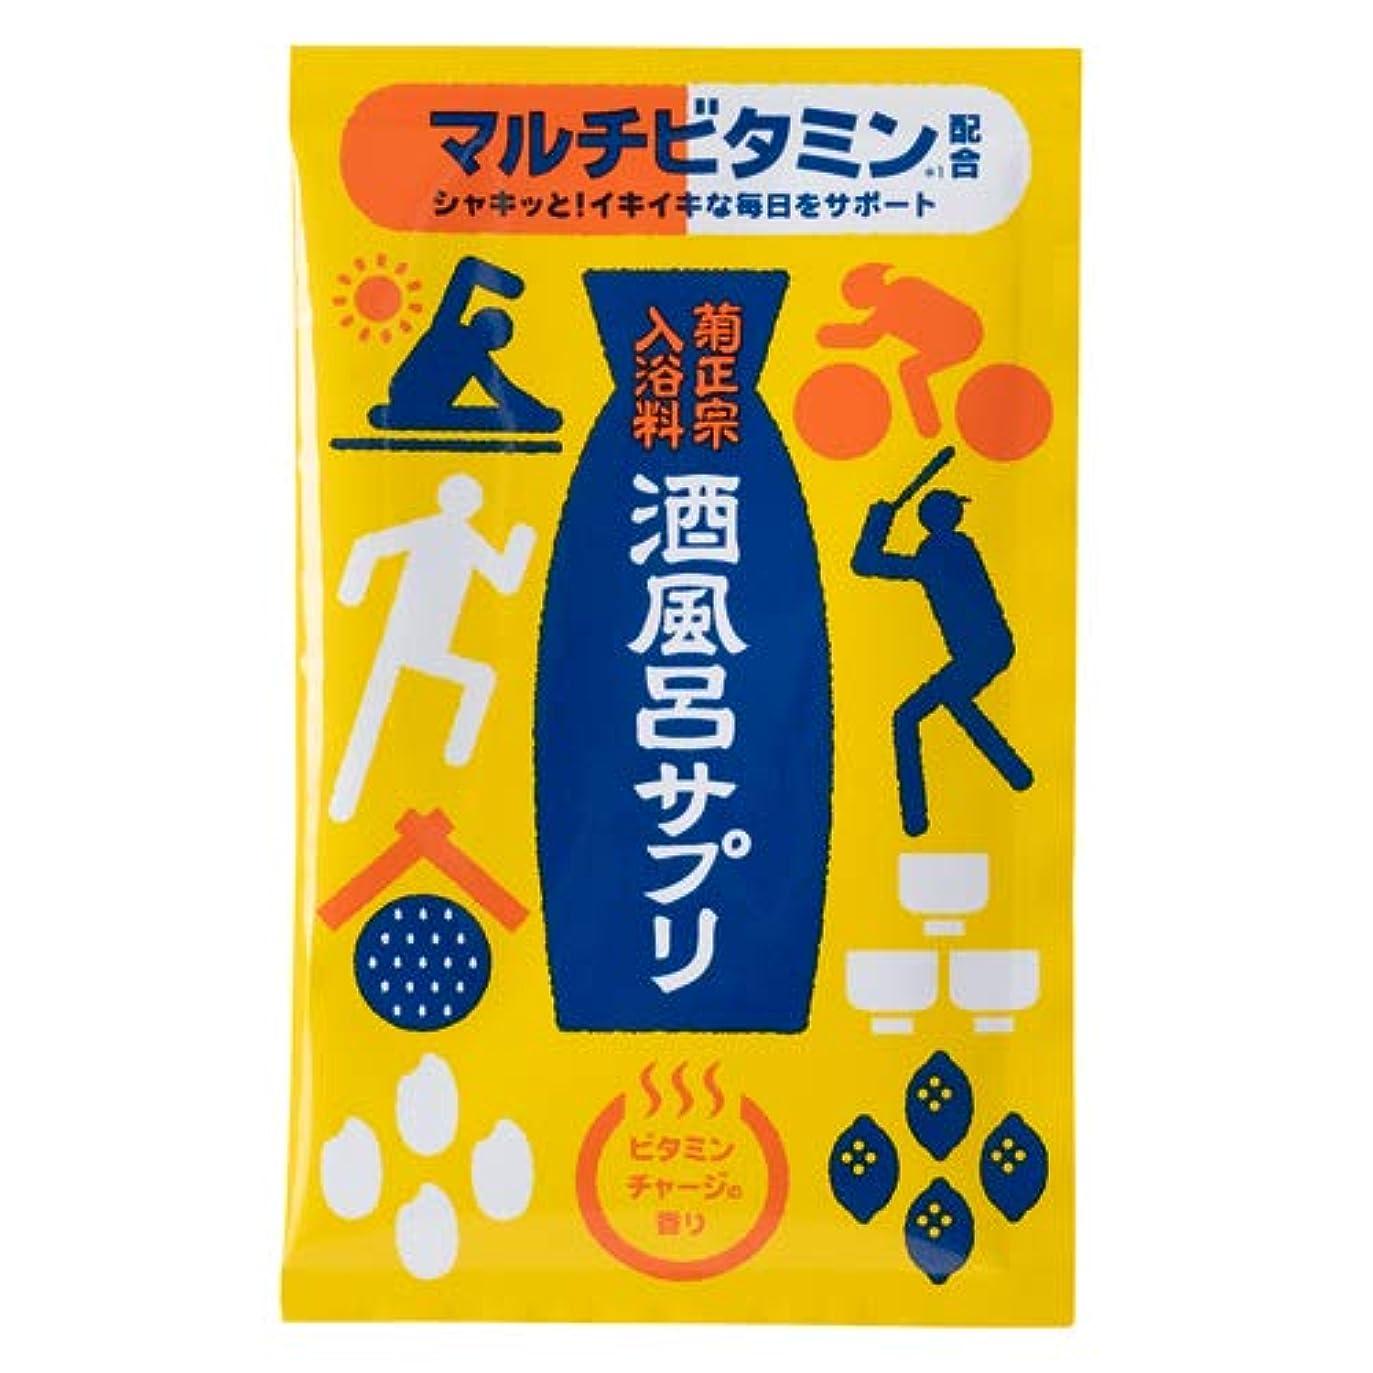 普遍的なオアシス順応性のある菊正宗 入浴料 酒風呂サプリ マルチビタミン